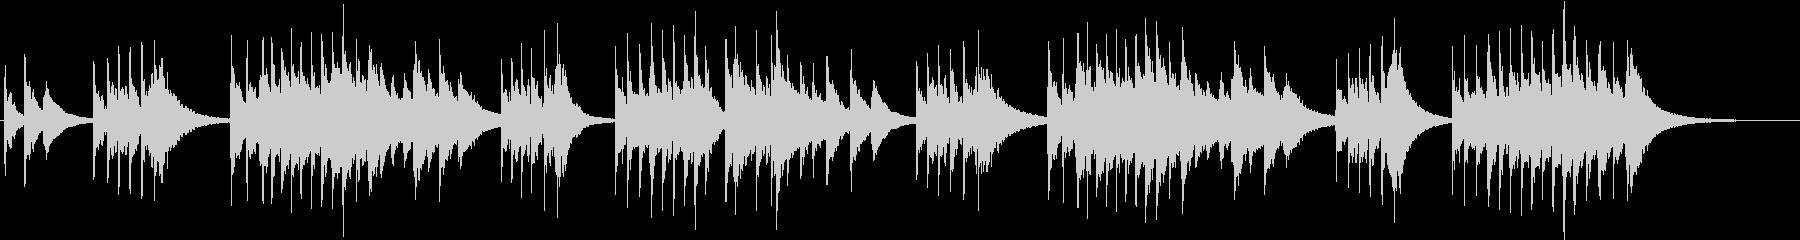 トロイメライ シンセオルゴールverの未再生の波形